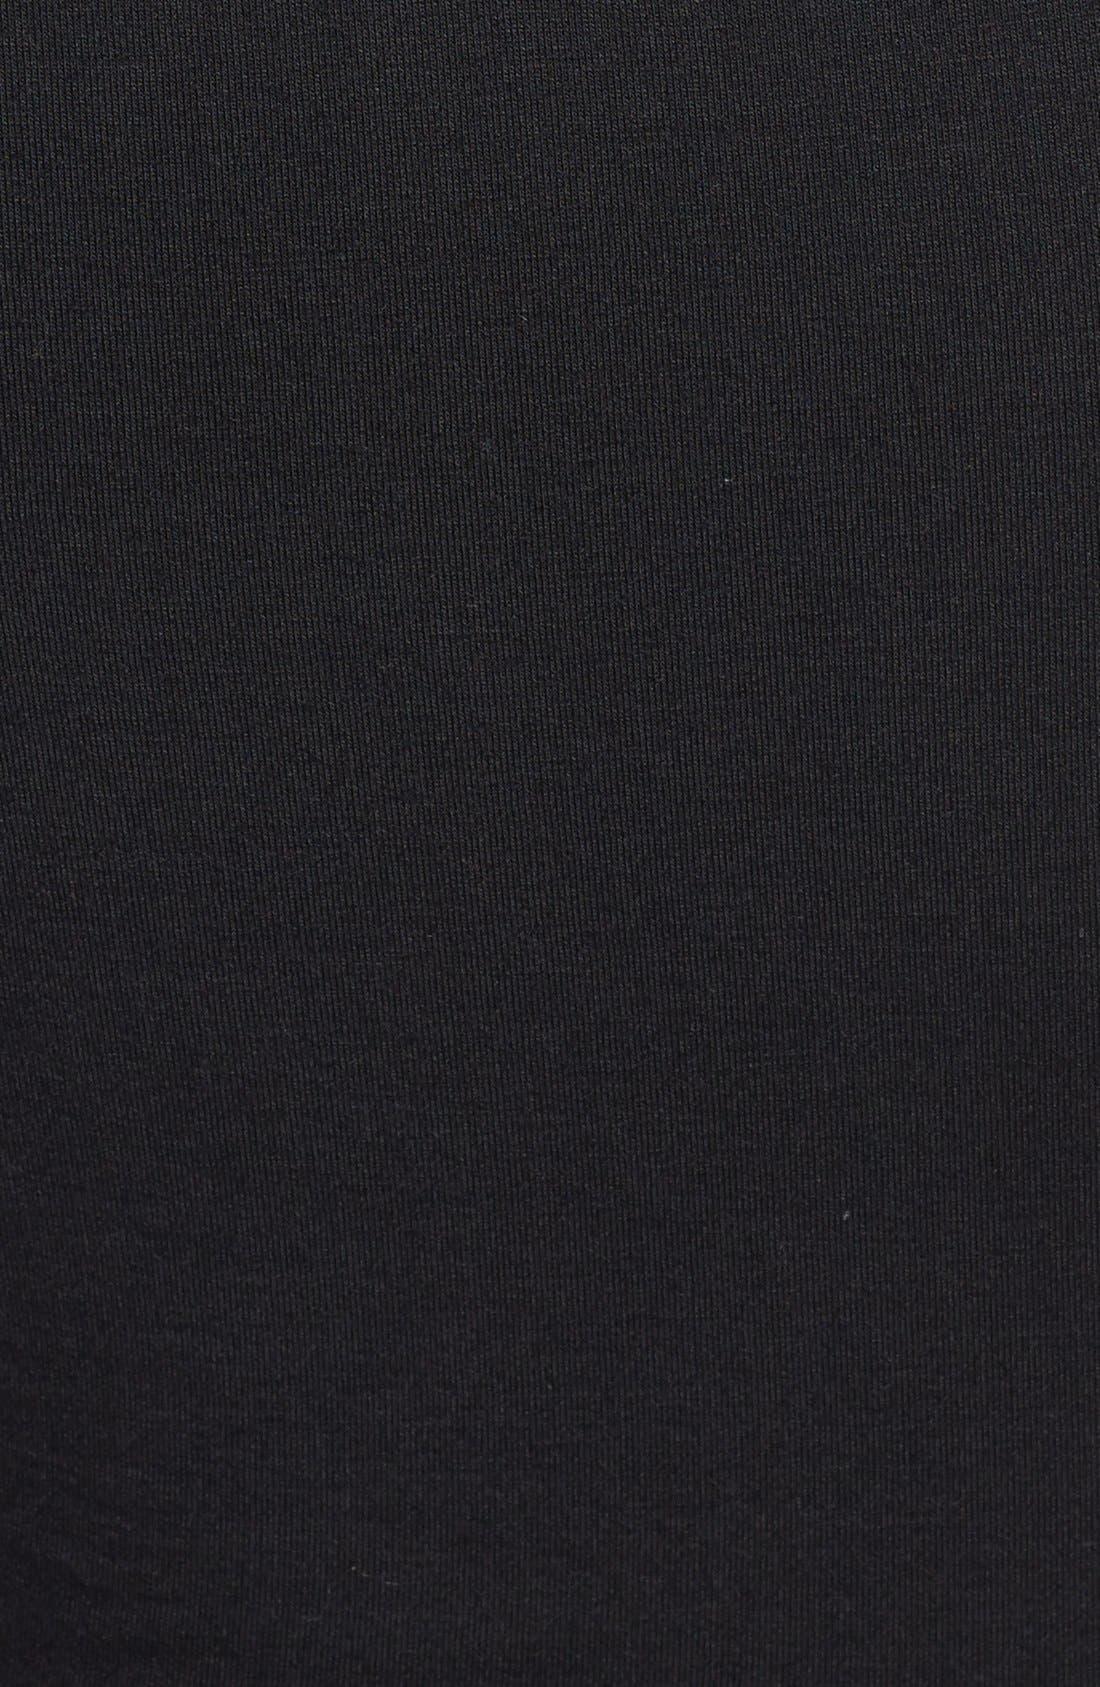 Alternate Image 3  - C. Luce Mock Neck Lace Crop Top (Juniors)